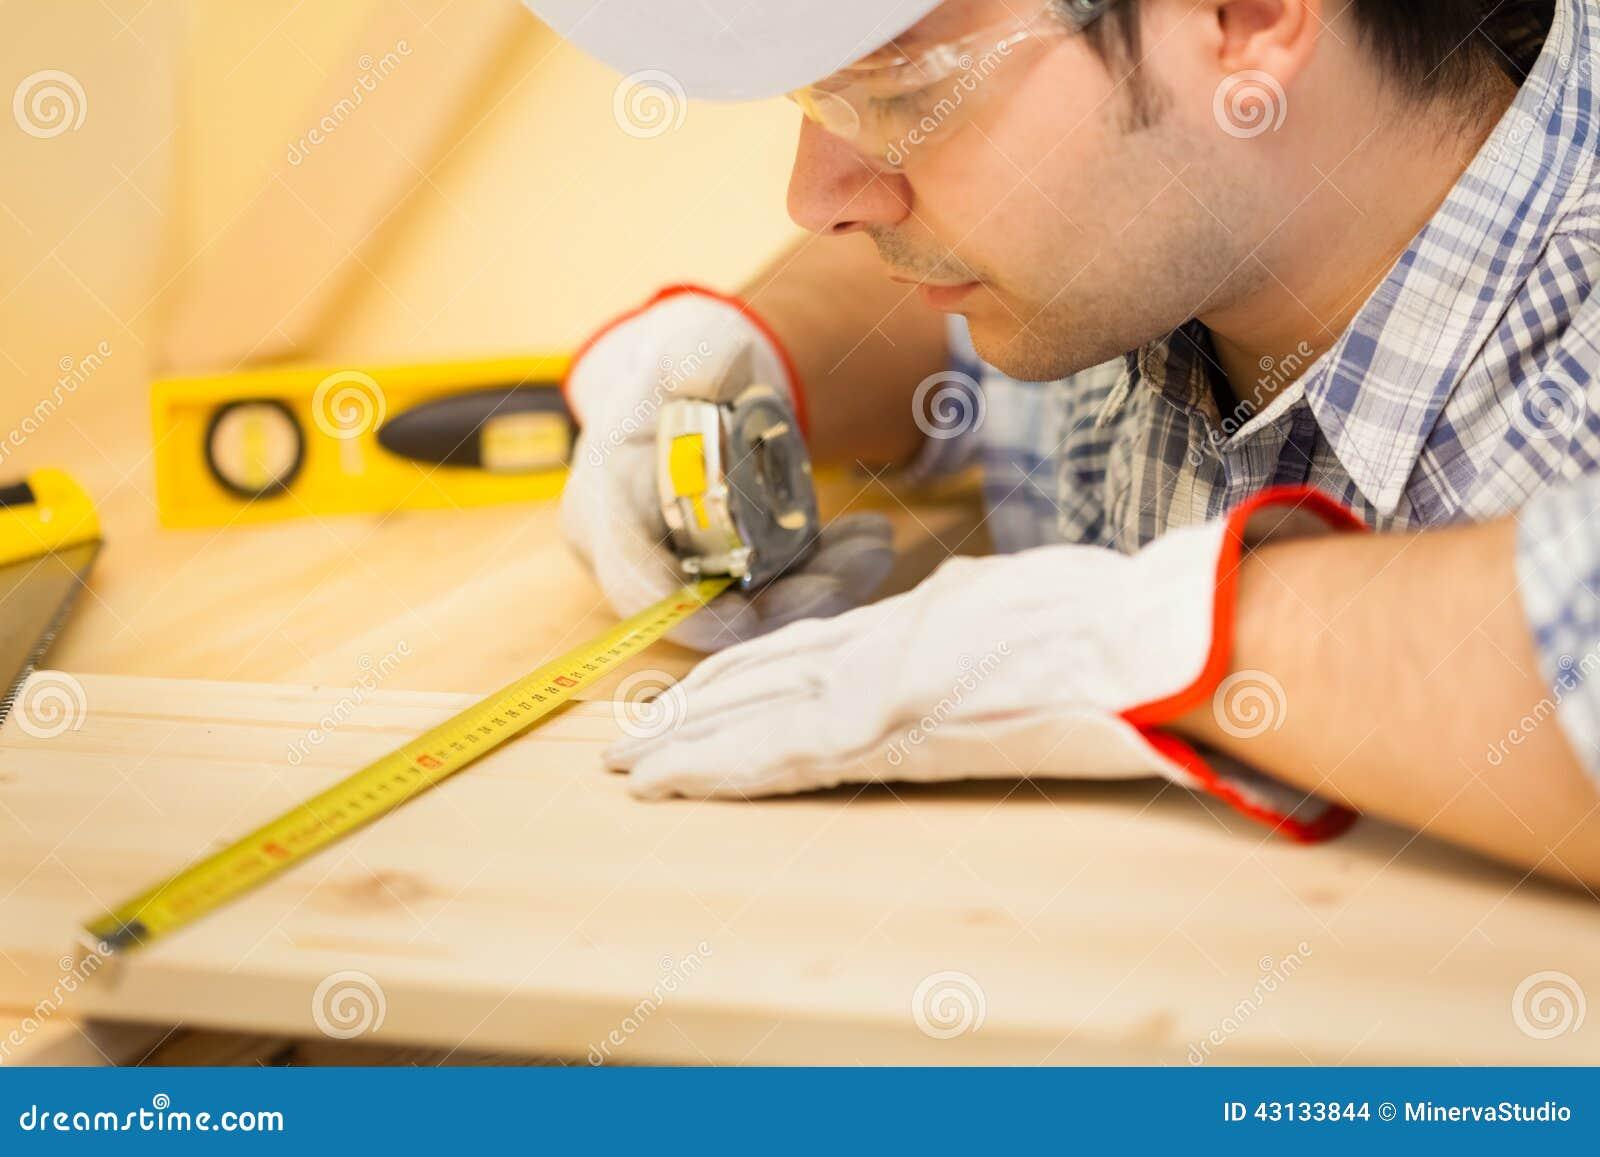 Carpentiere sul lavoro facendo uso di un nastro di misurazione